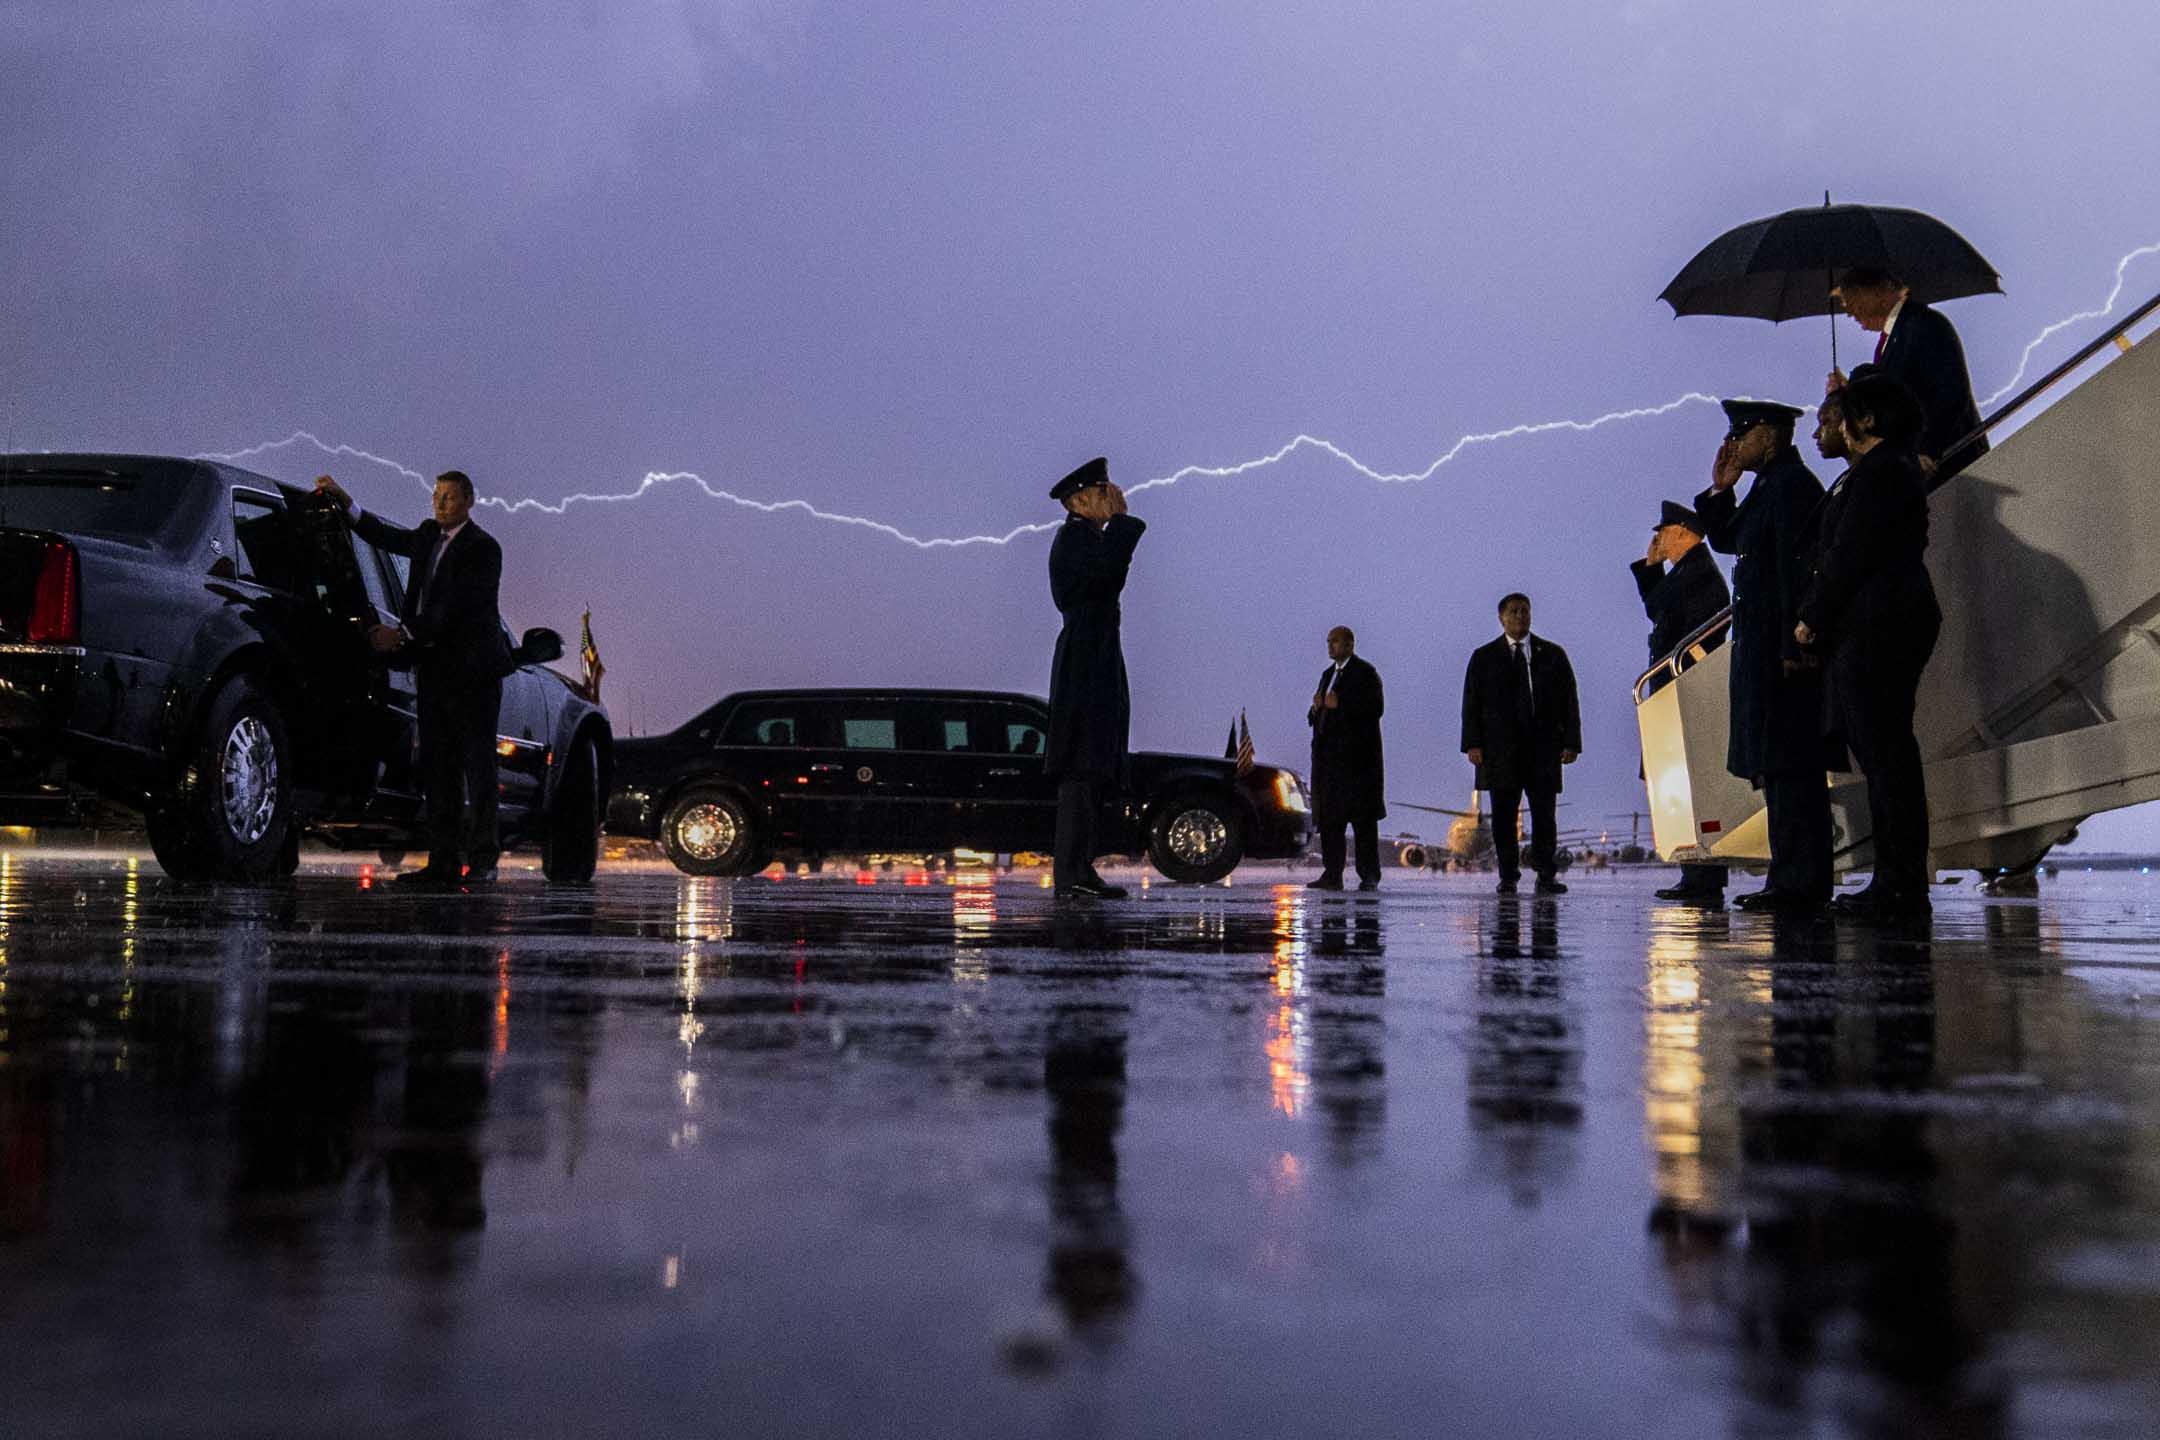 2020年8月28日,美國總統特朗普參加一場競選集會後乘空軍一號抵達機場,撐著一把傘沿著樓梯走下,天空有一道閃電劃過。 攝:Evan Vucci//AP/達志影像